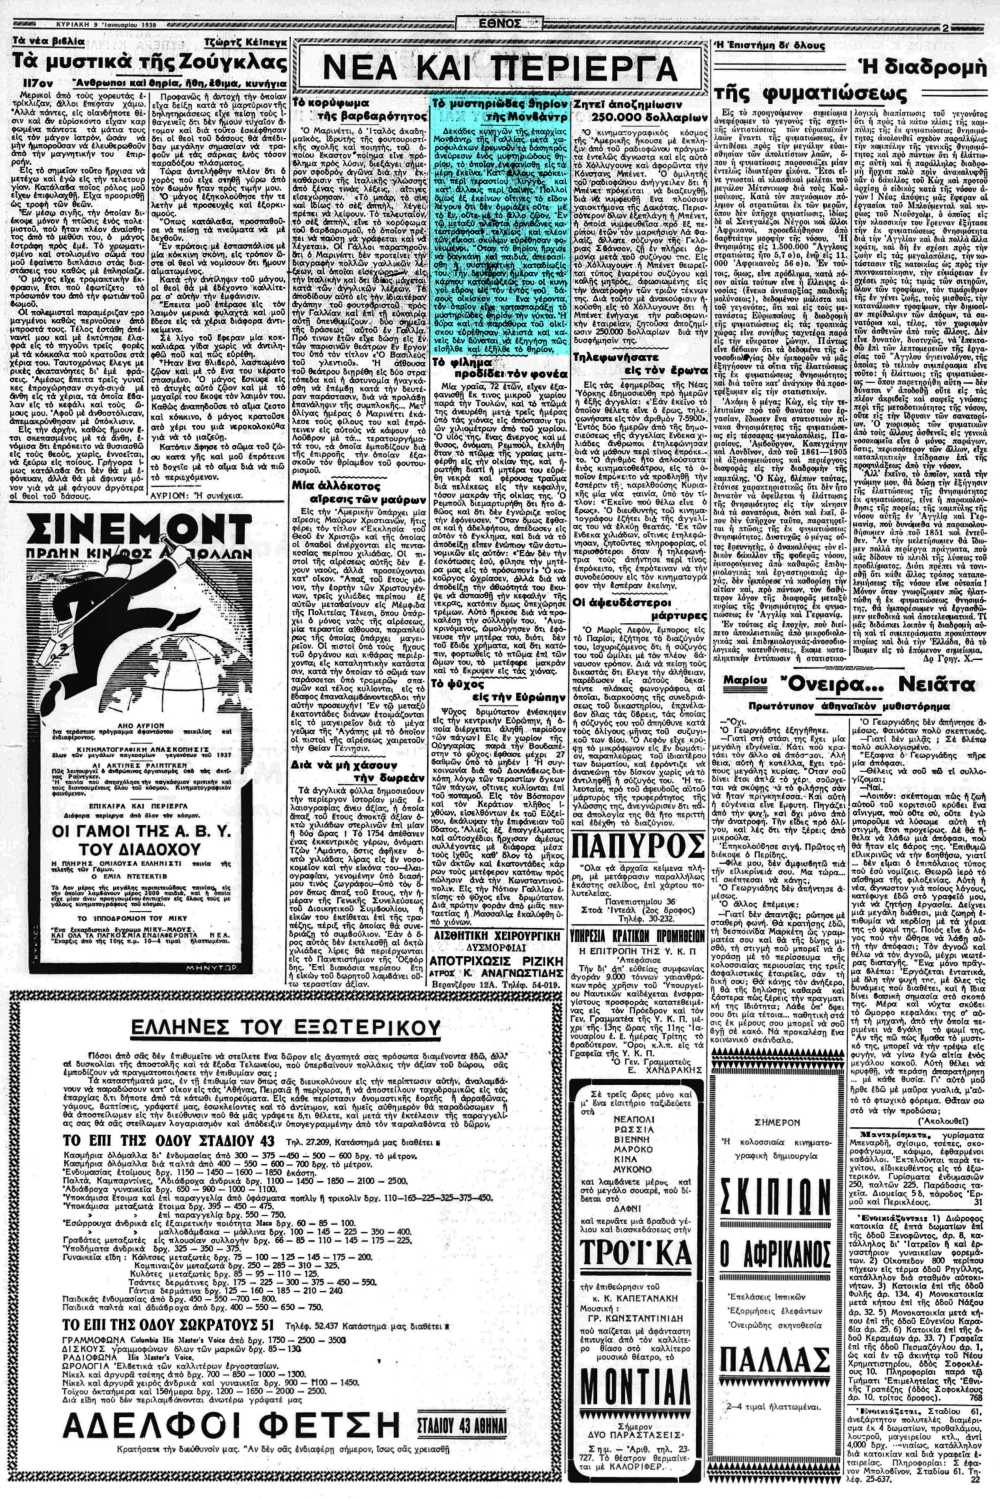 """Το άρθρο, όπως δημοσιεύθηκε στην εφημερίδα """"ΕΘΝΟΣ"""", στις 09/01/1938"""